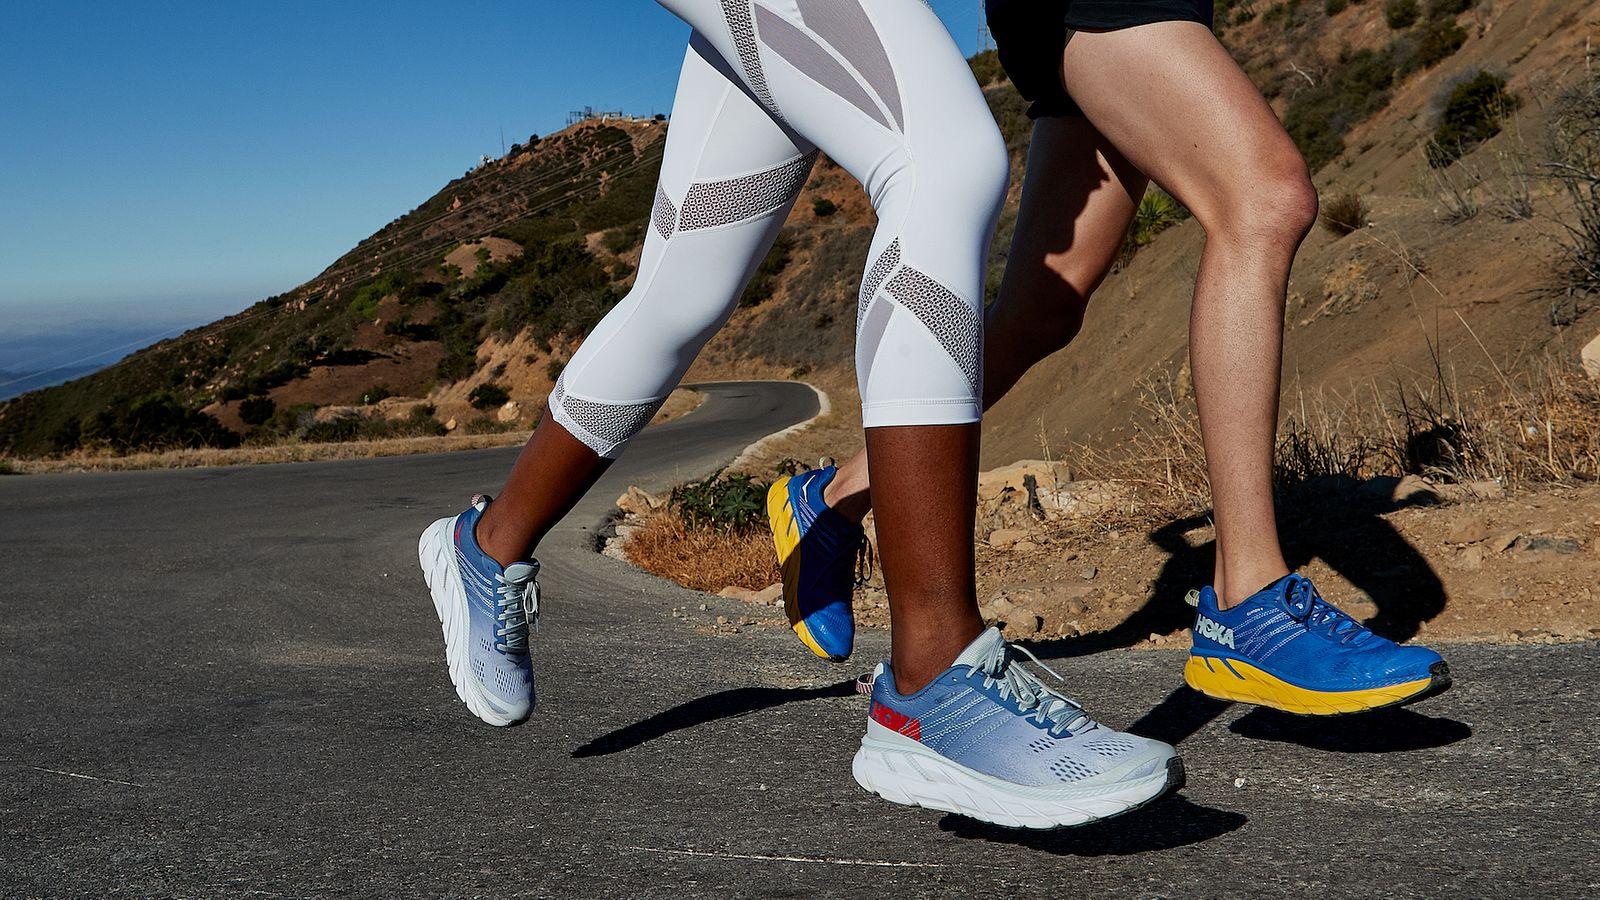 hoka one one runners pair